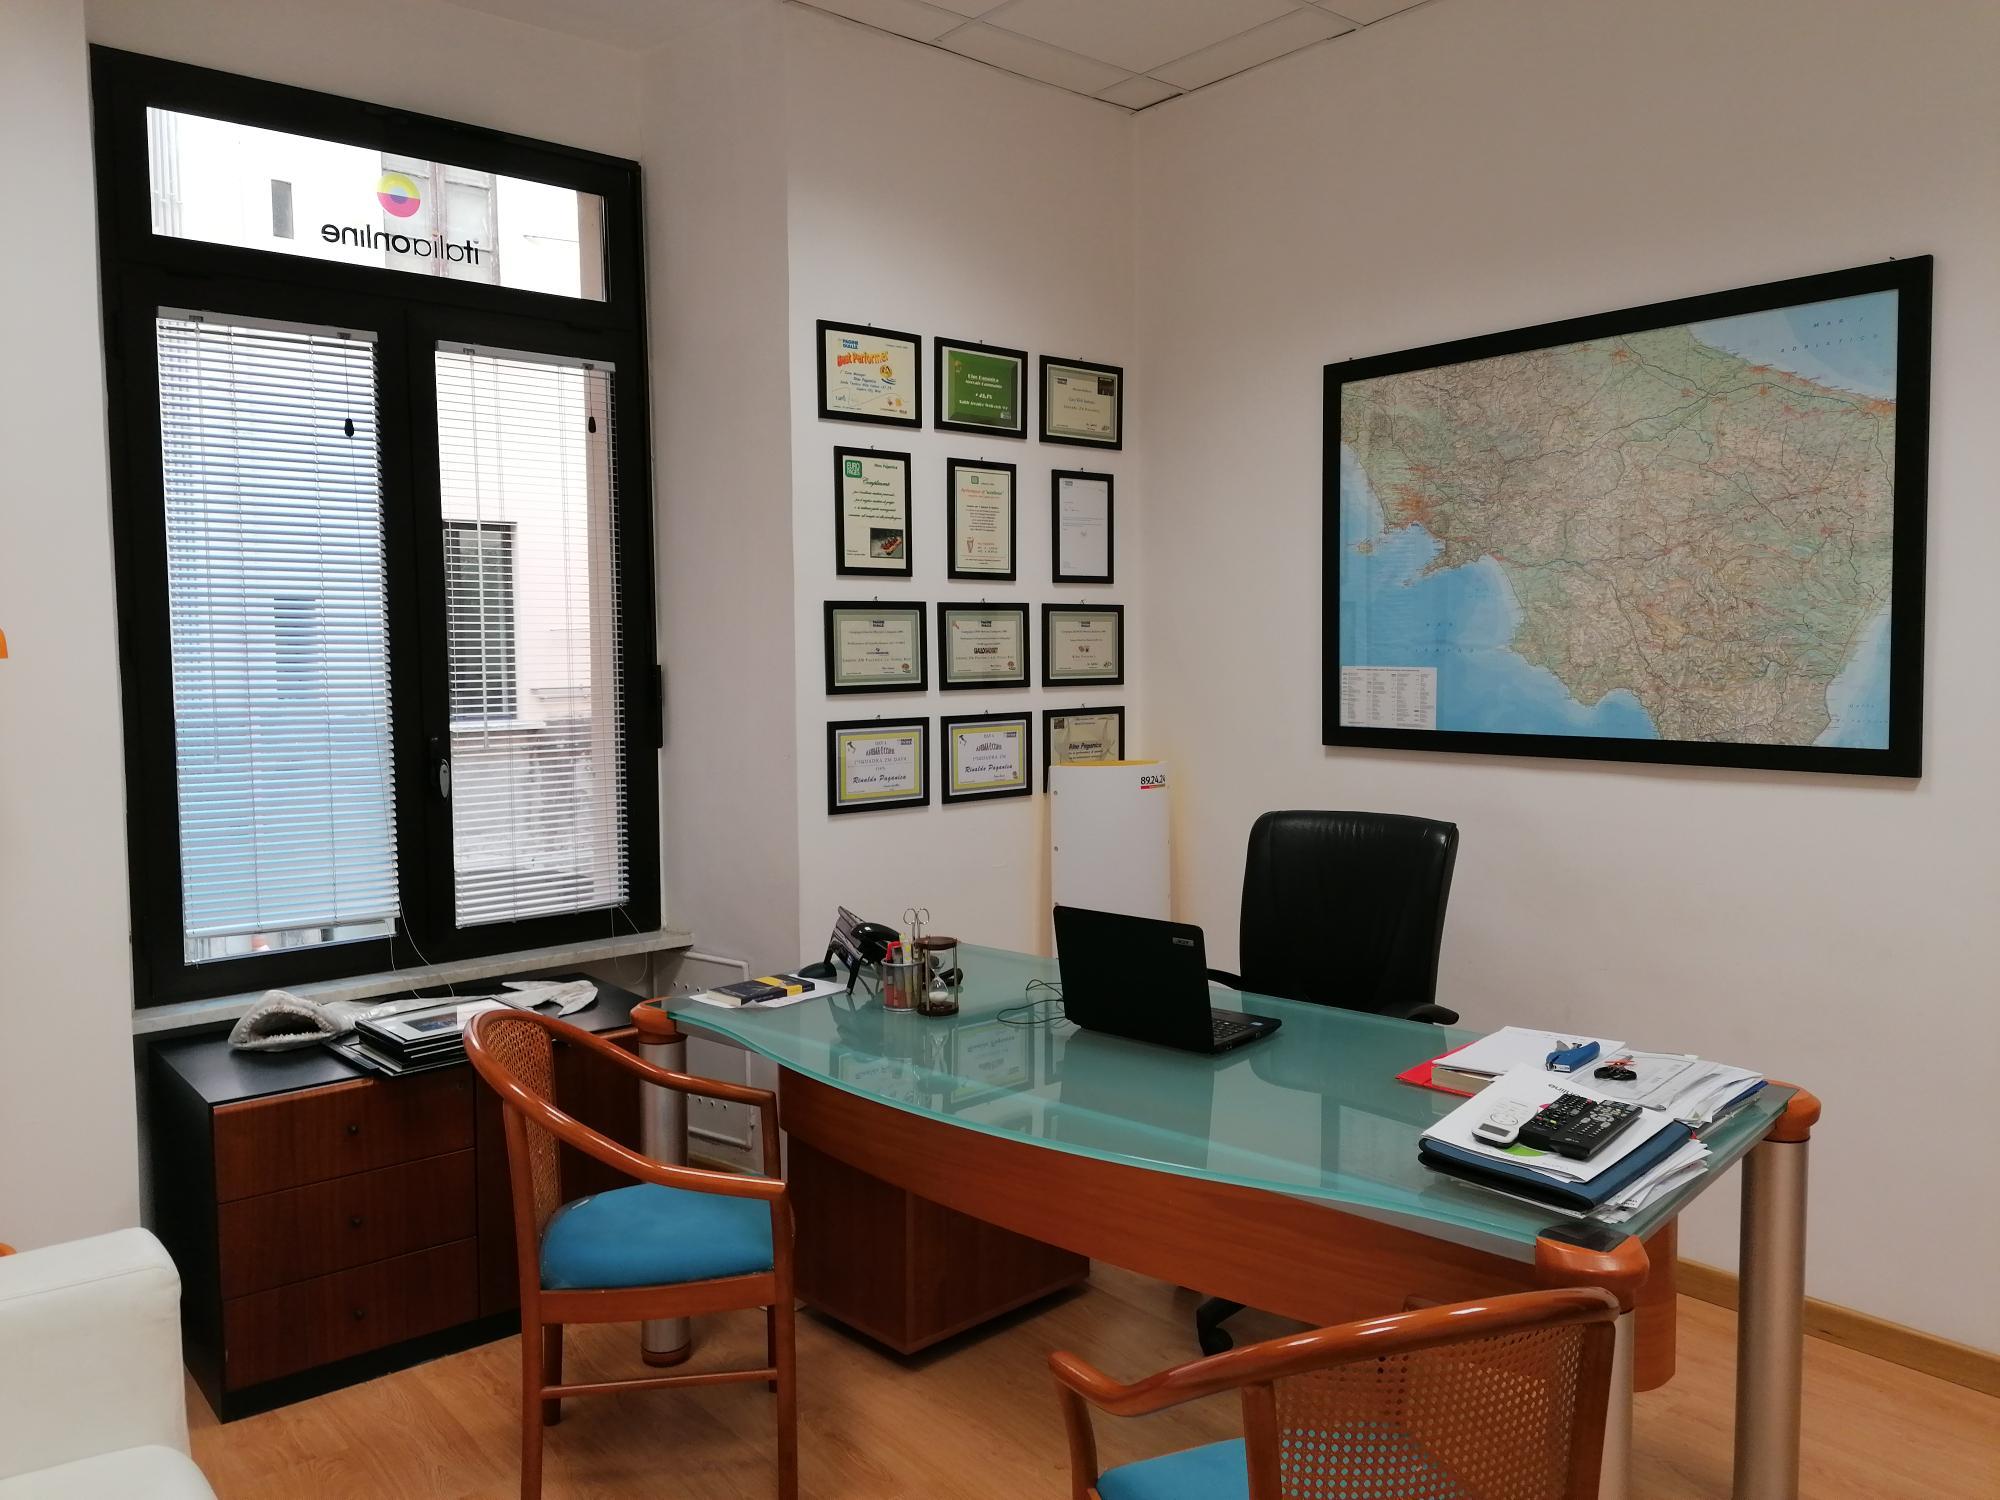 Italiaonline Web Agency Salerno